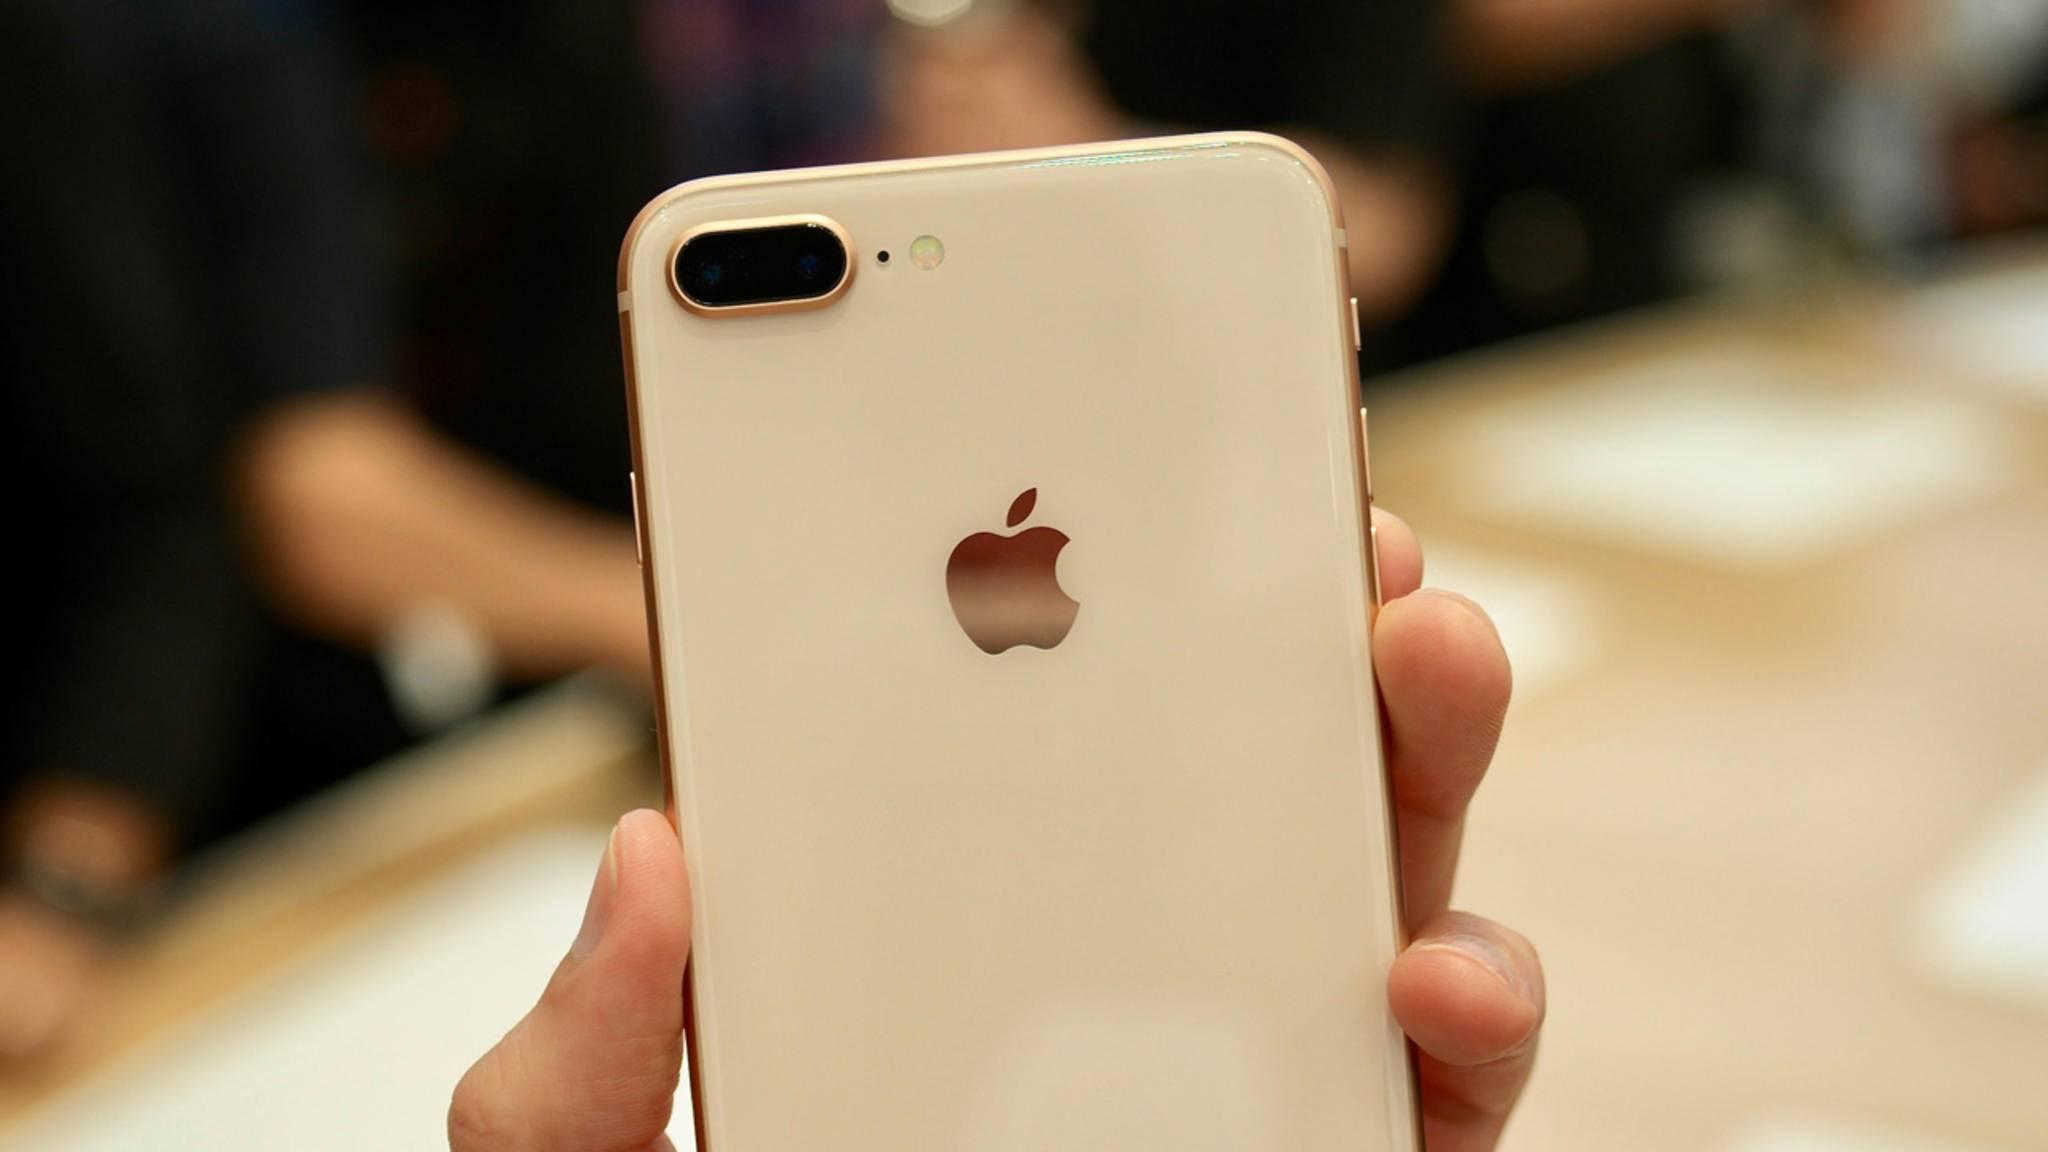 Ab 2019 könnte Apple das erste iPhone mit Eingabestift anbieten.